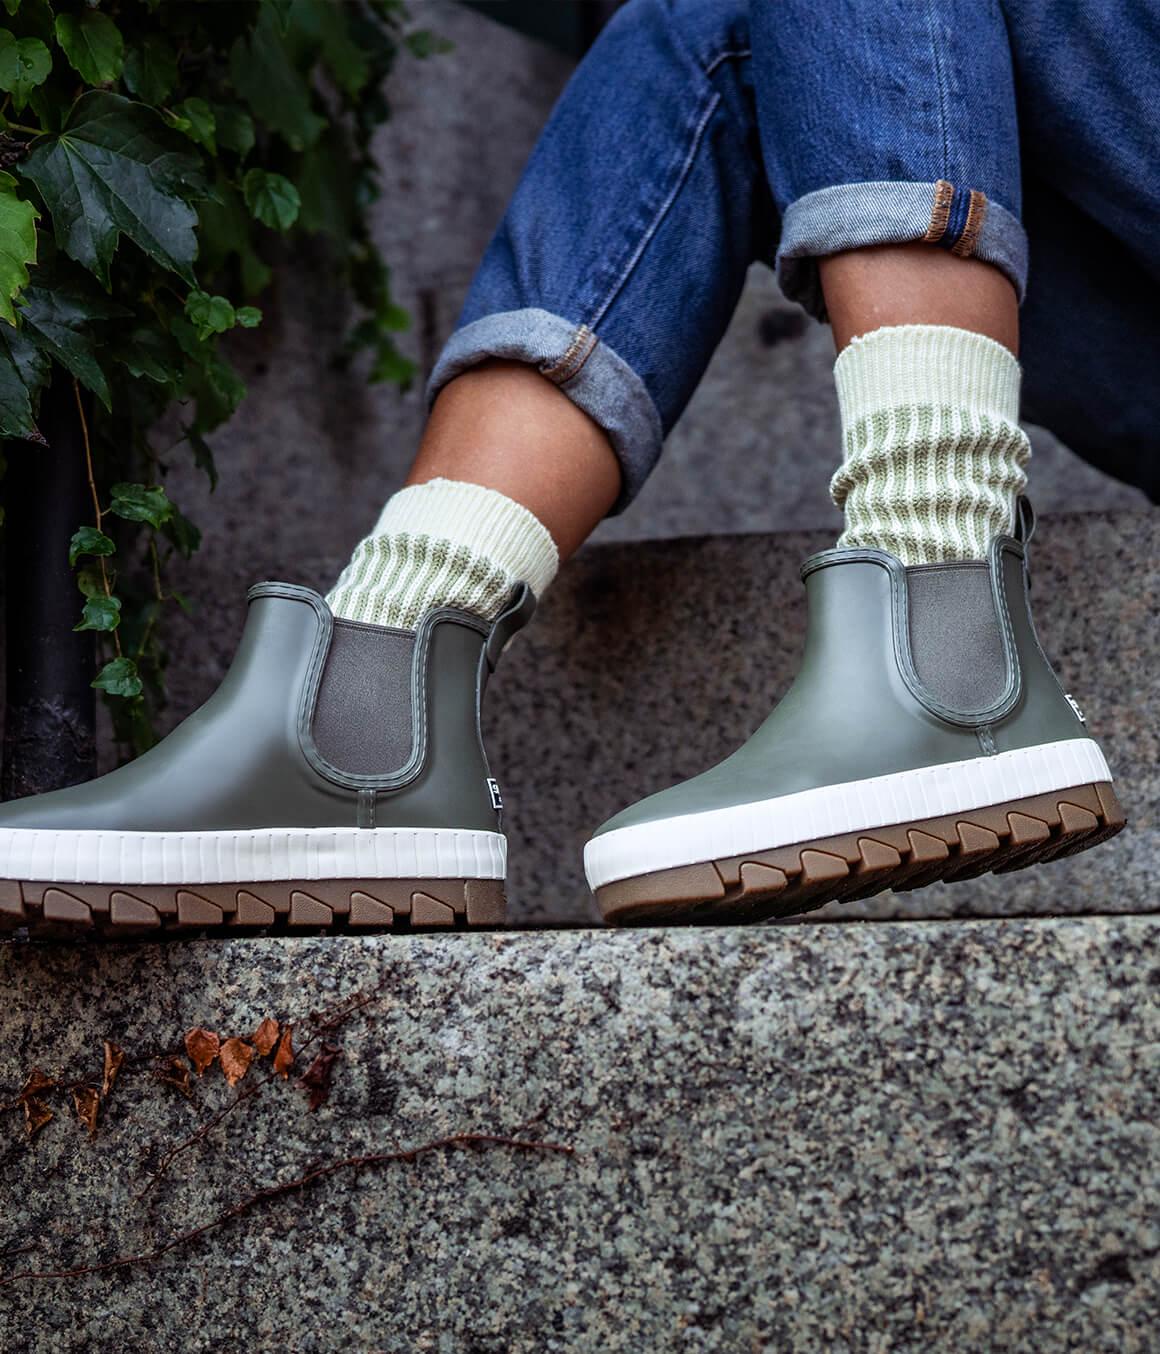 Women's Chelsea boots.